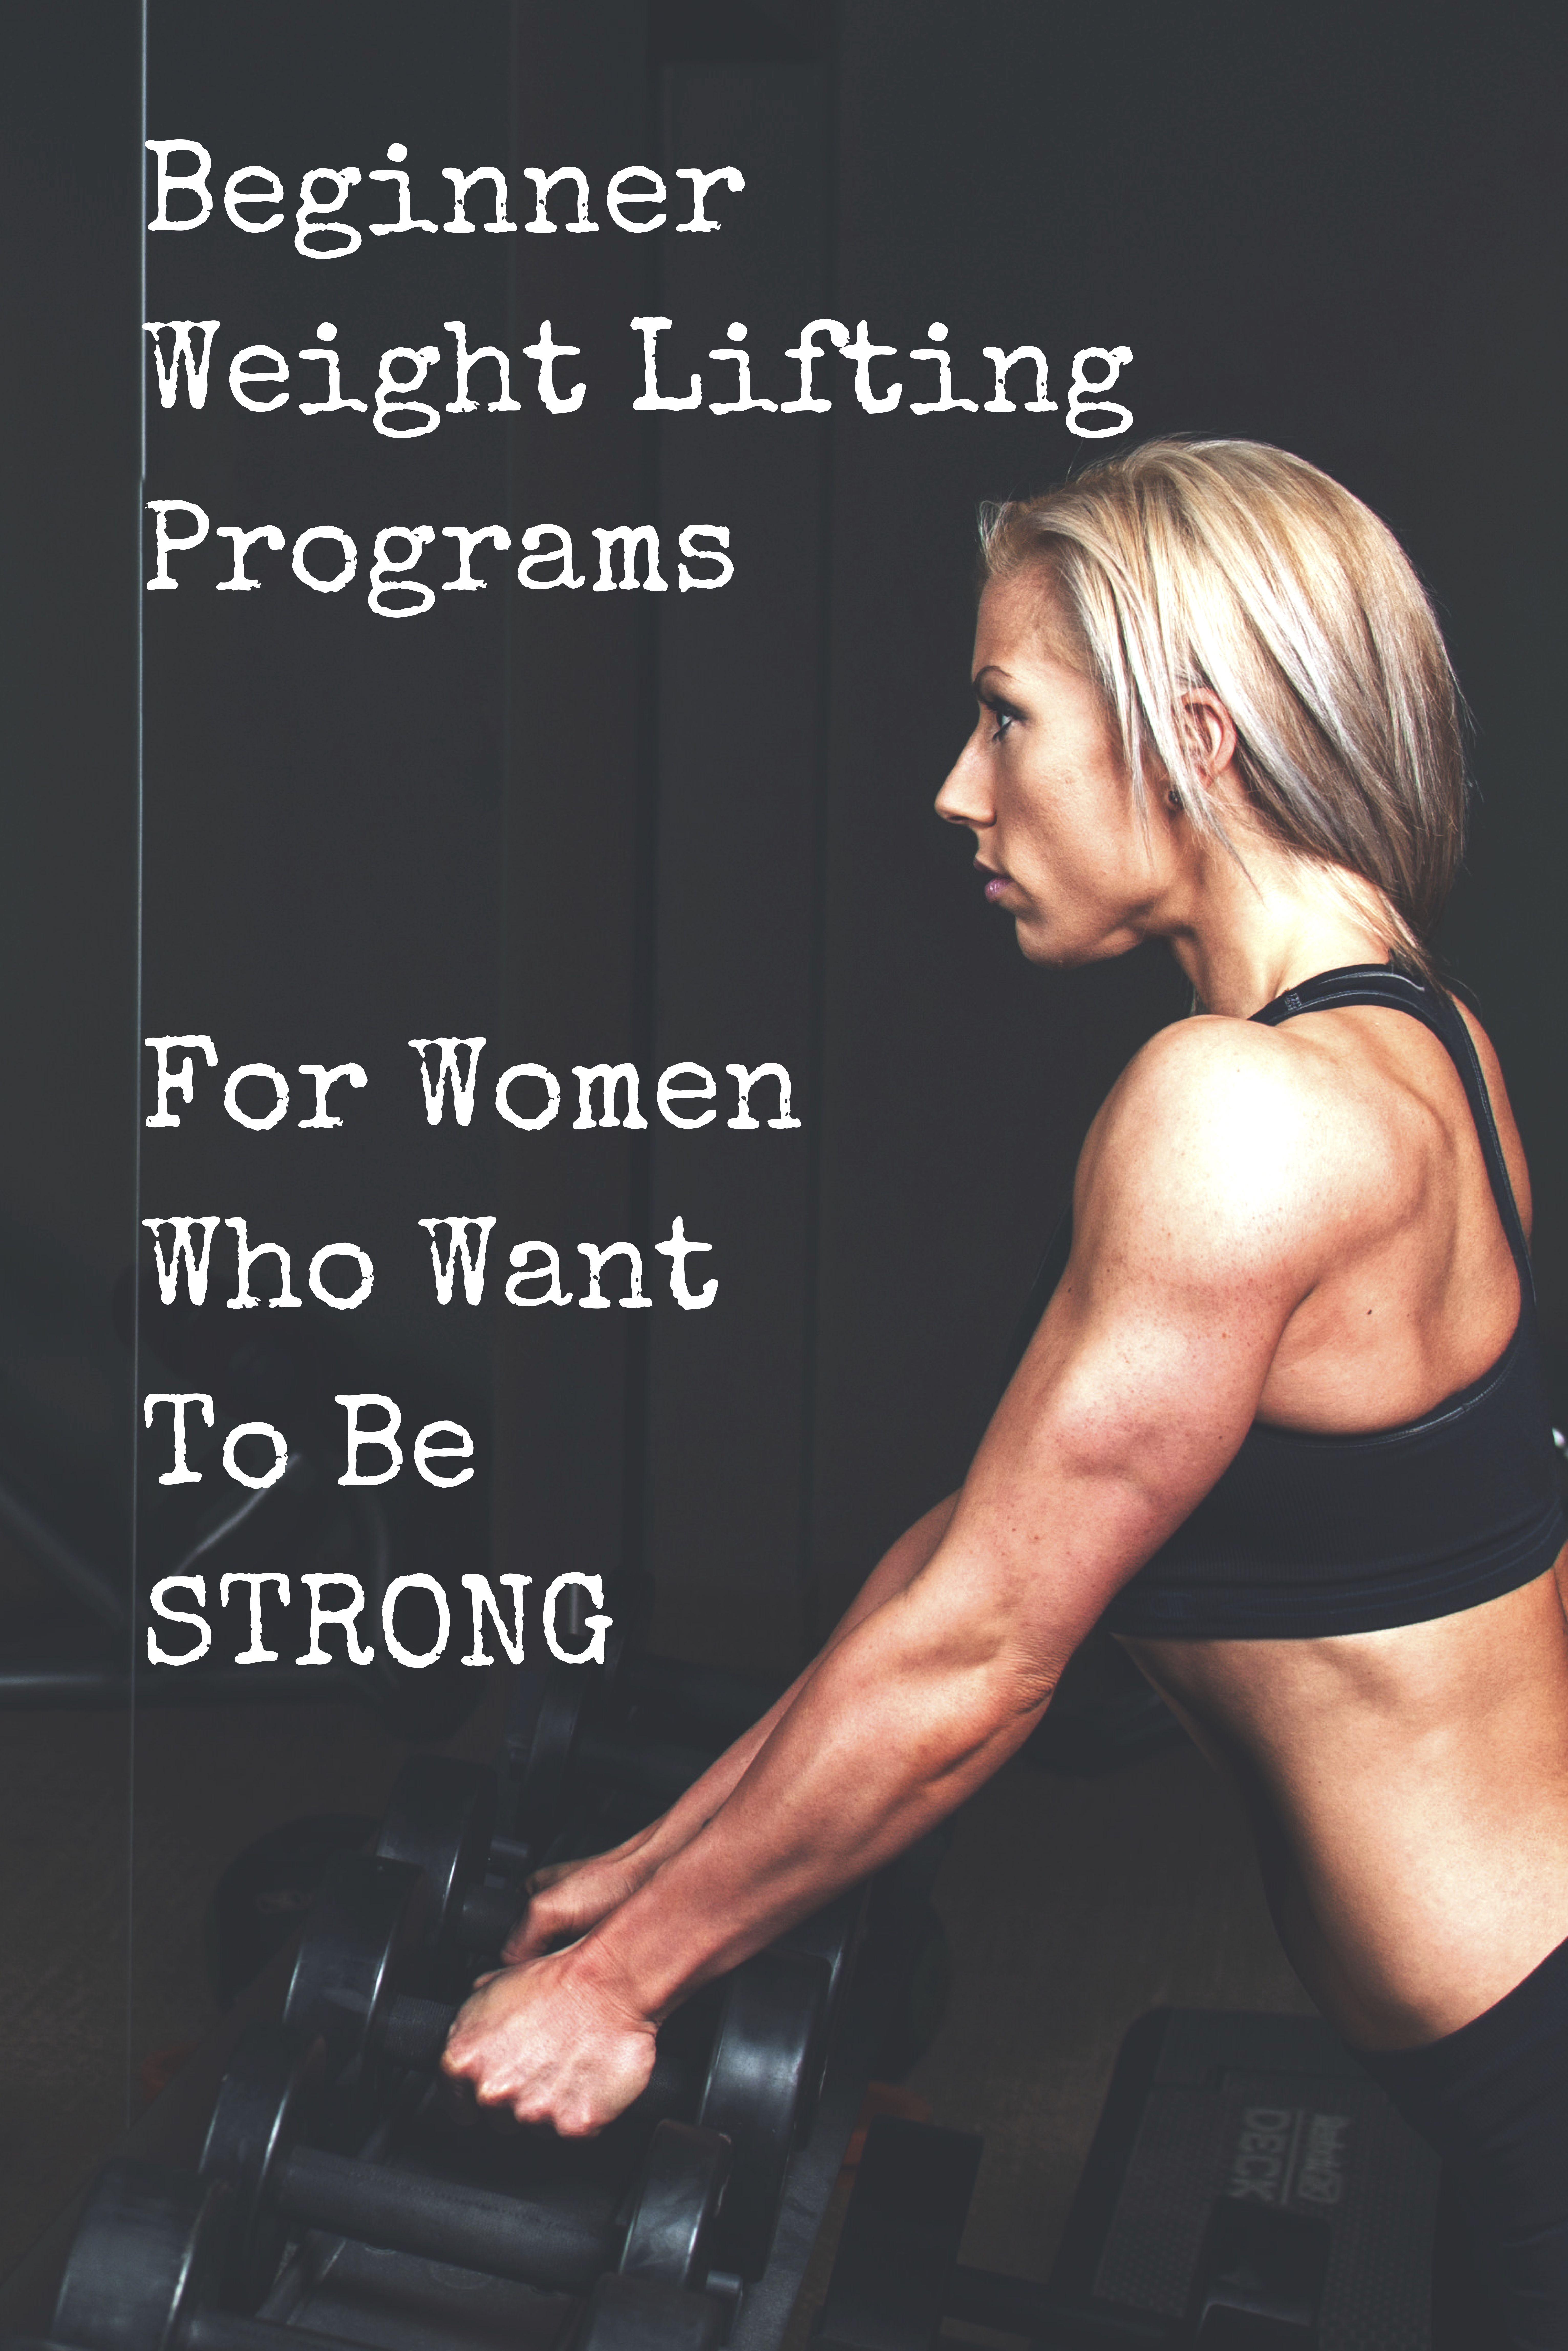 Best Beginner Weight Lifting Programs